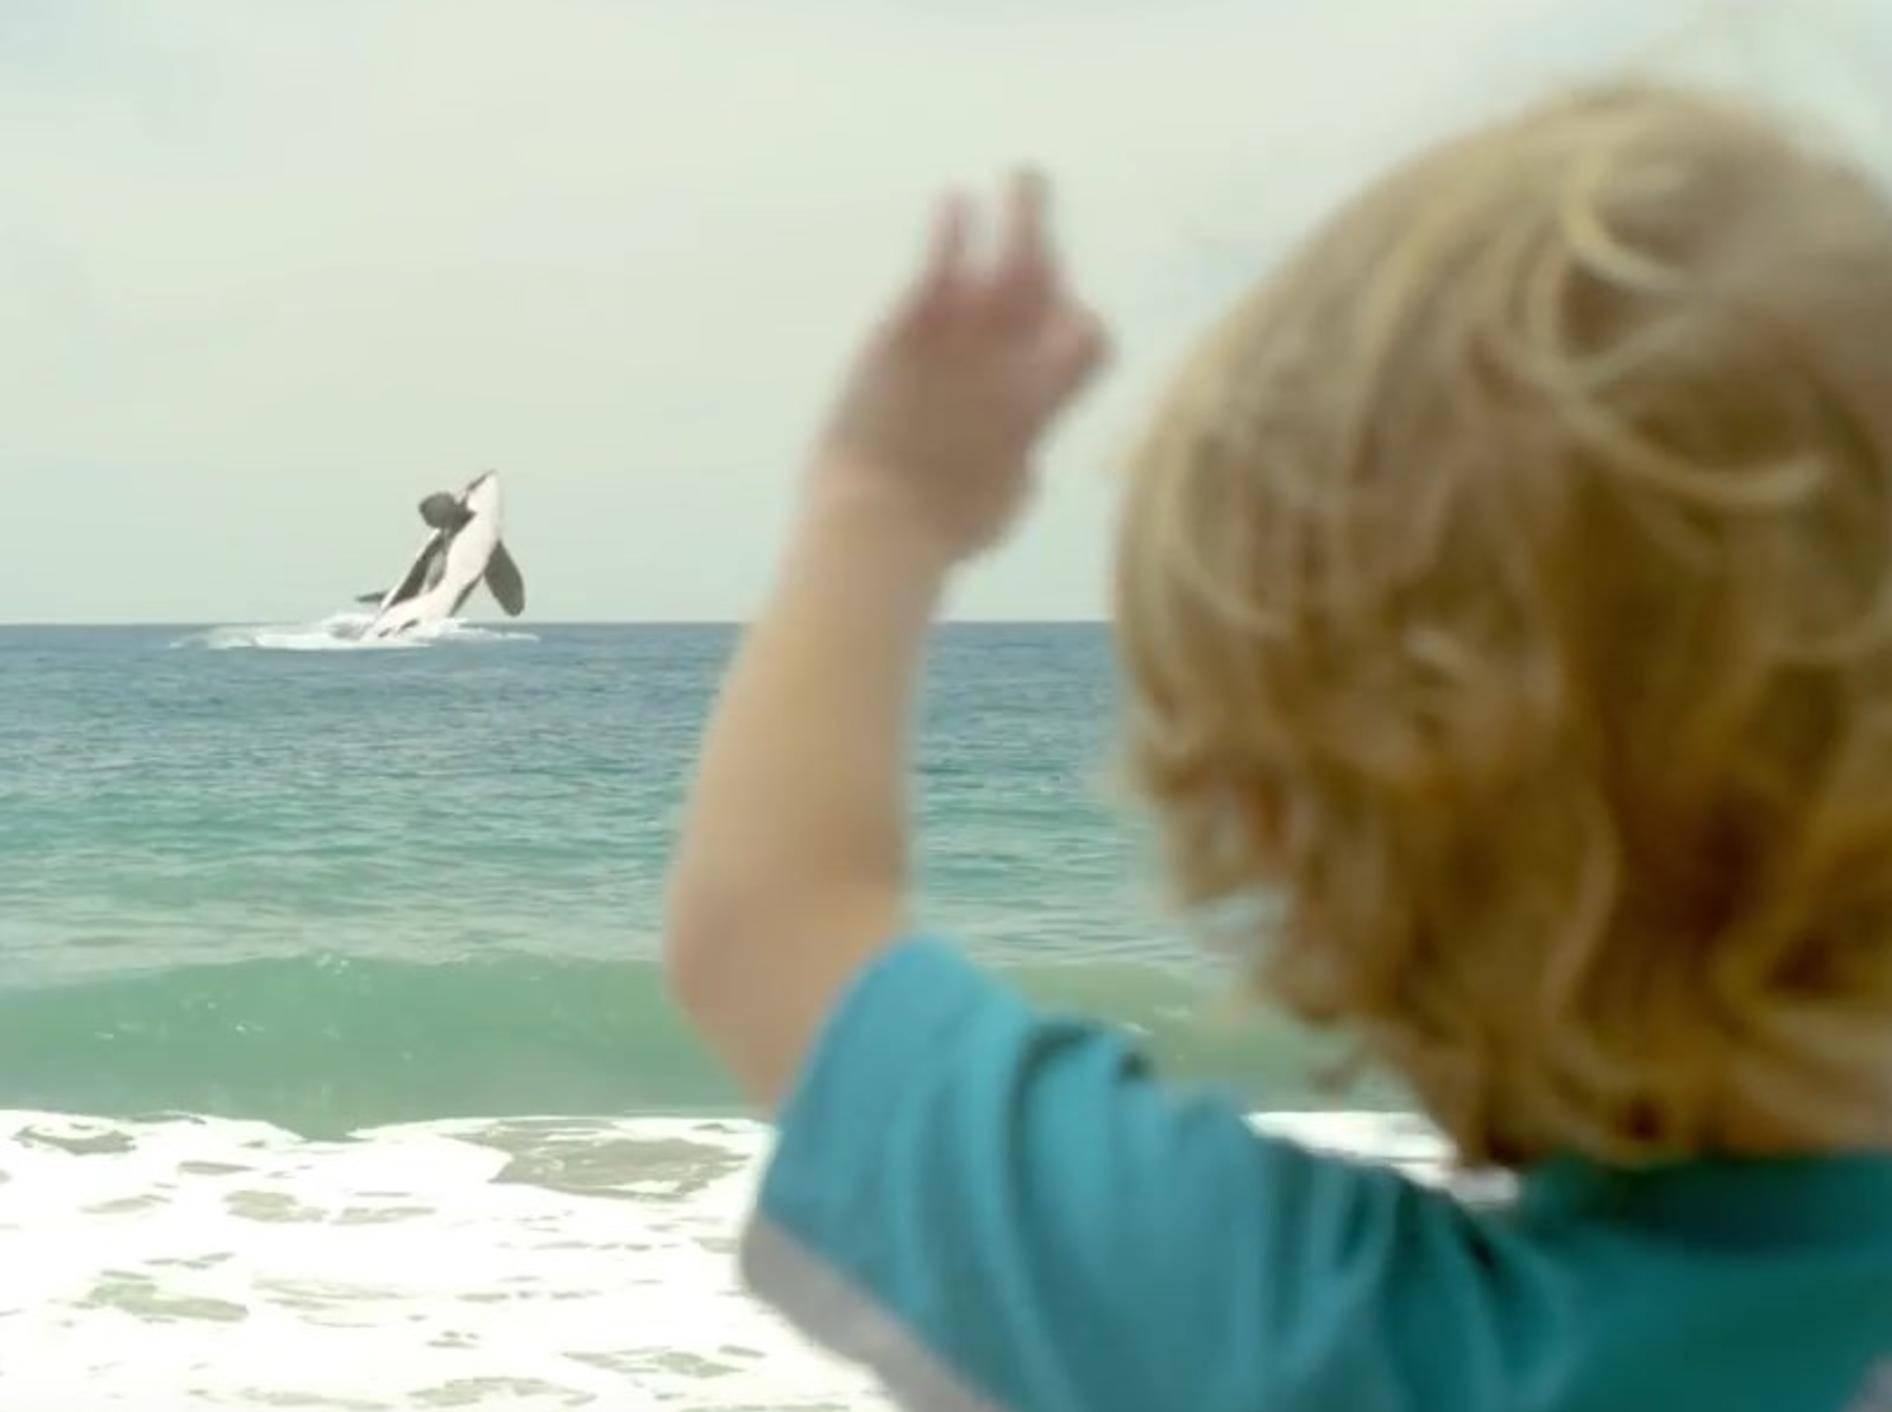 Am Ende kommt der Mini-Orca in die offene See und ist glücklich – YouTube / munchkin